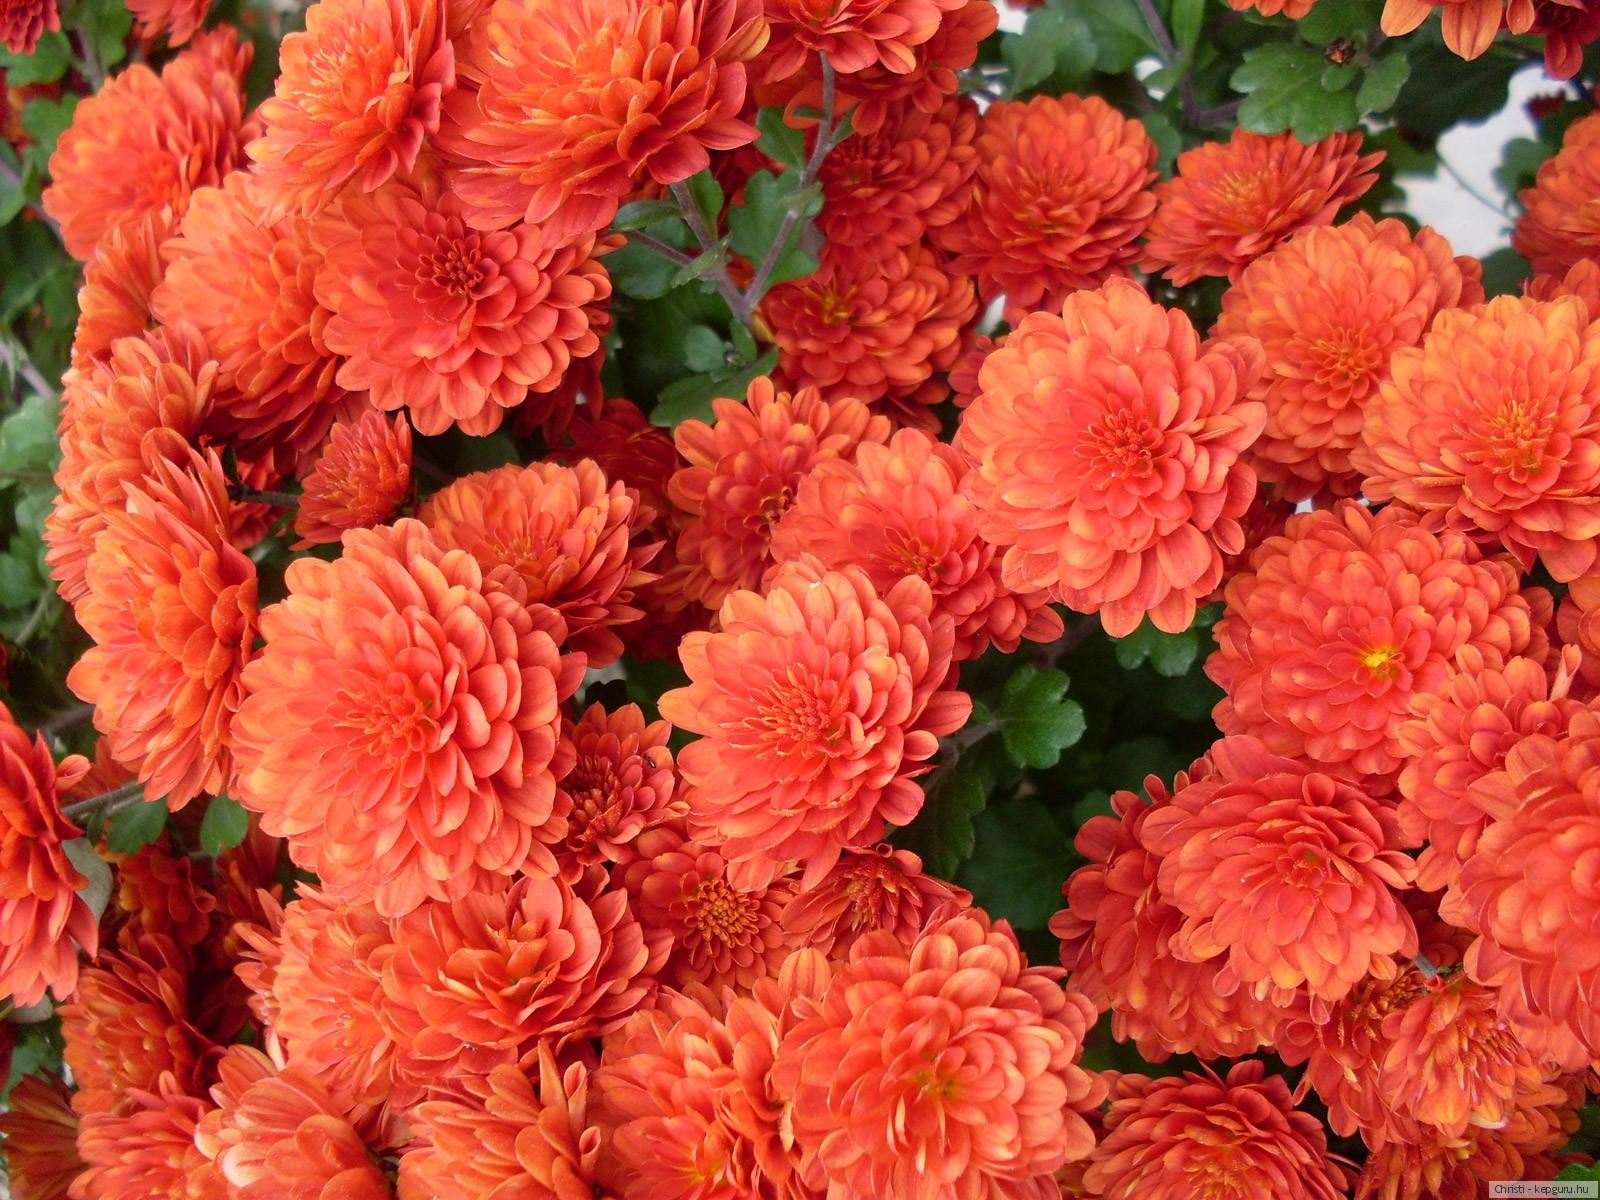 Обои на рабочий стол Цветы хризантемы   подборка (11)